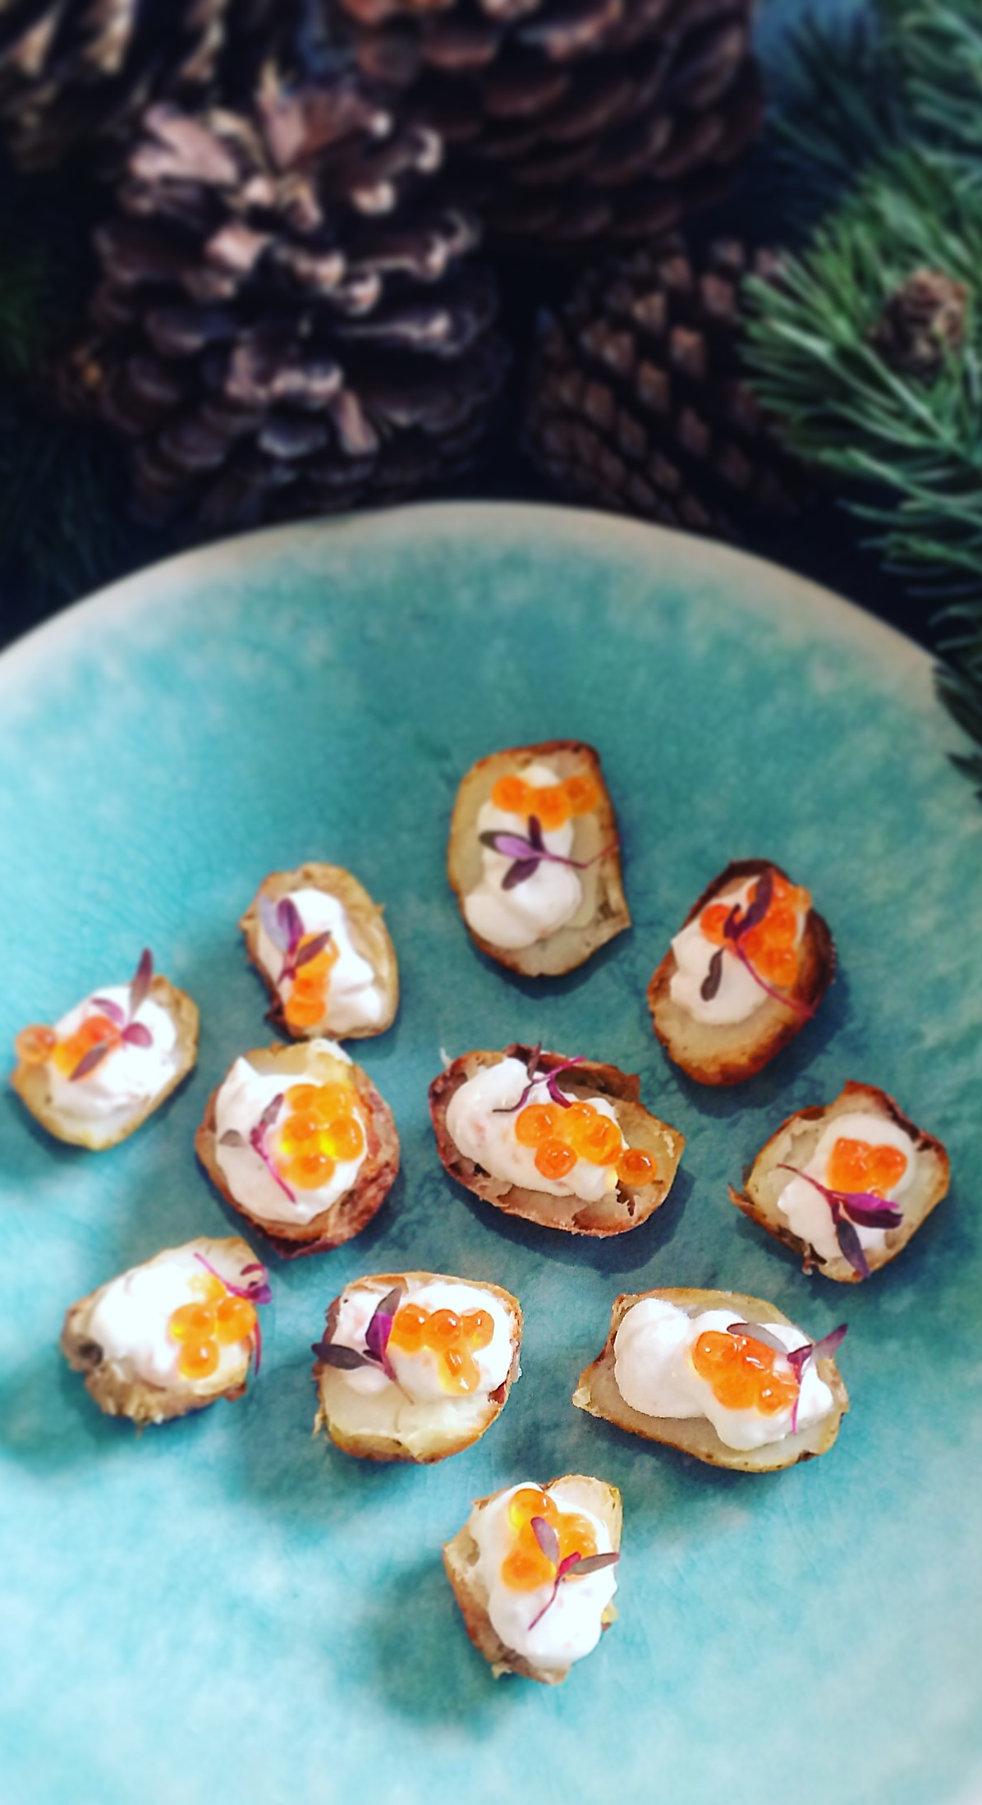 Salt baked new potatoes, salmon mousse,